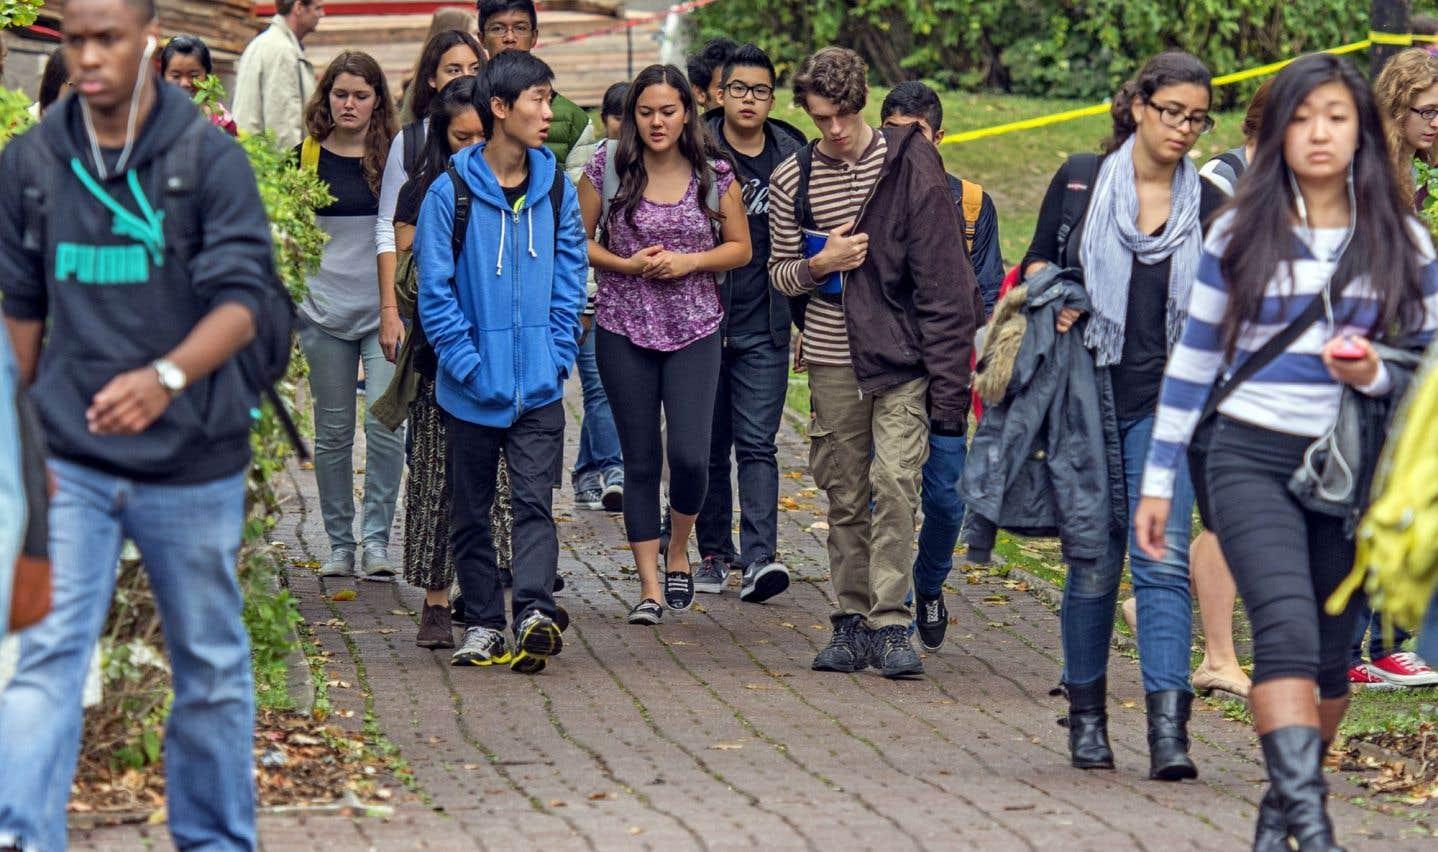 La grande qualité de vie au Québec en général fait partie des critères qui retiennent l'attention des étudiants européens, asiatiques ou africains.